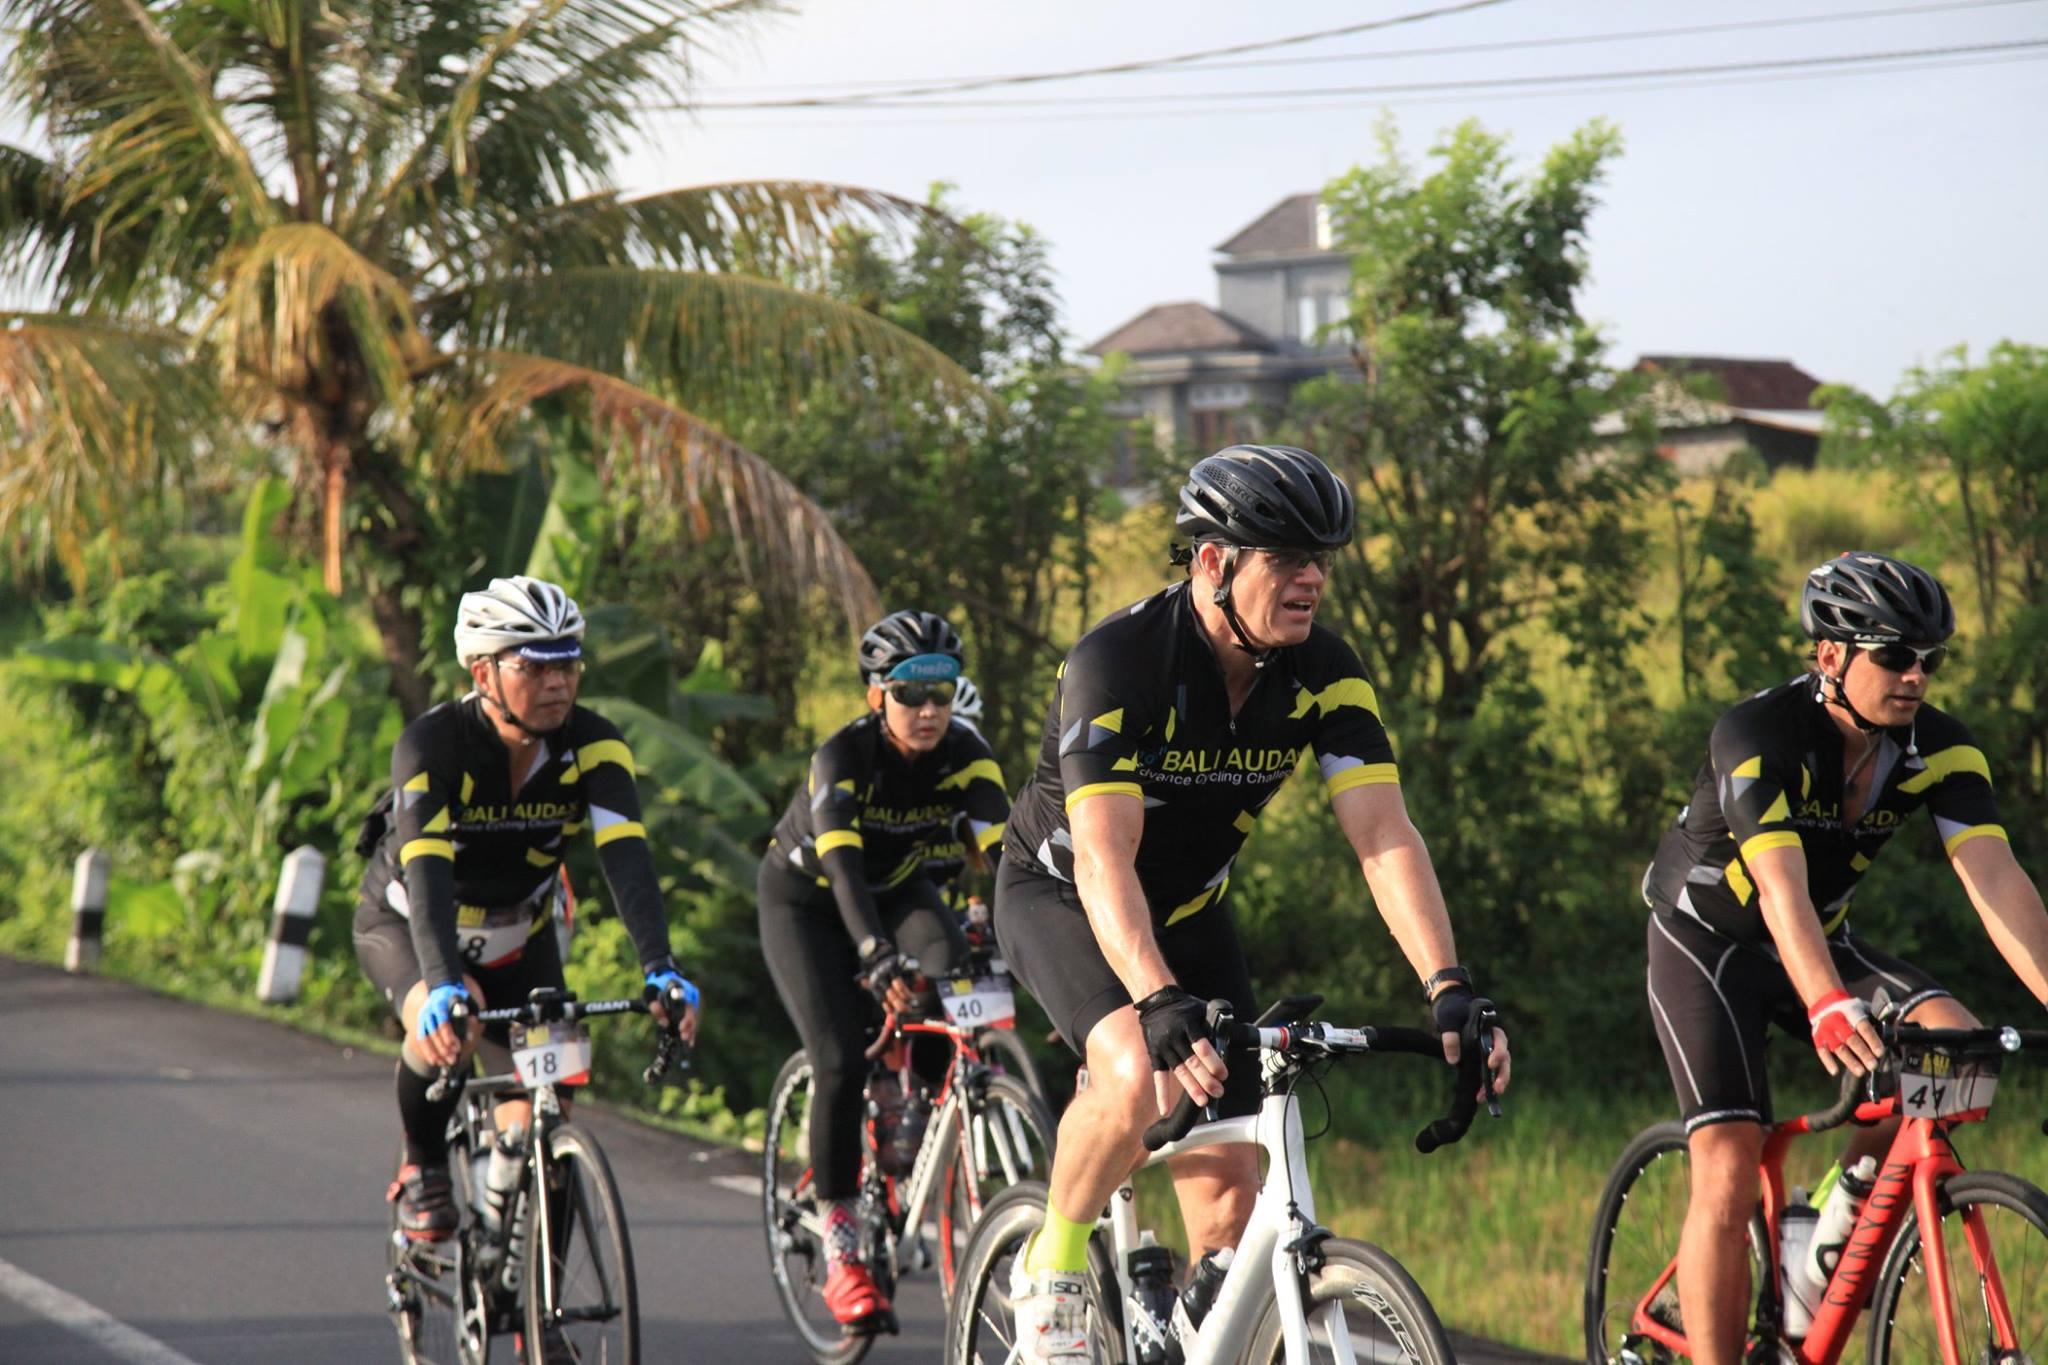 day 1 Bali Audax 2018 (175)